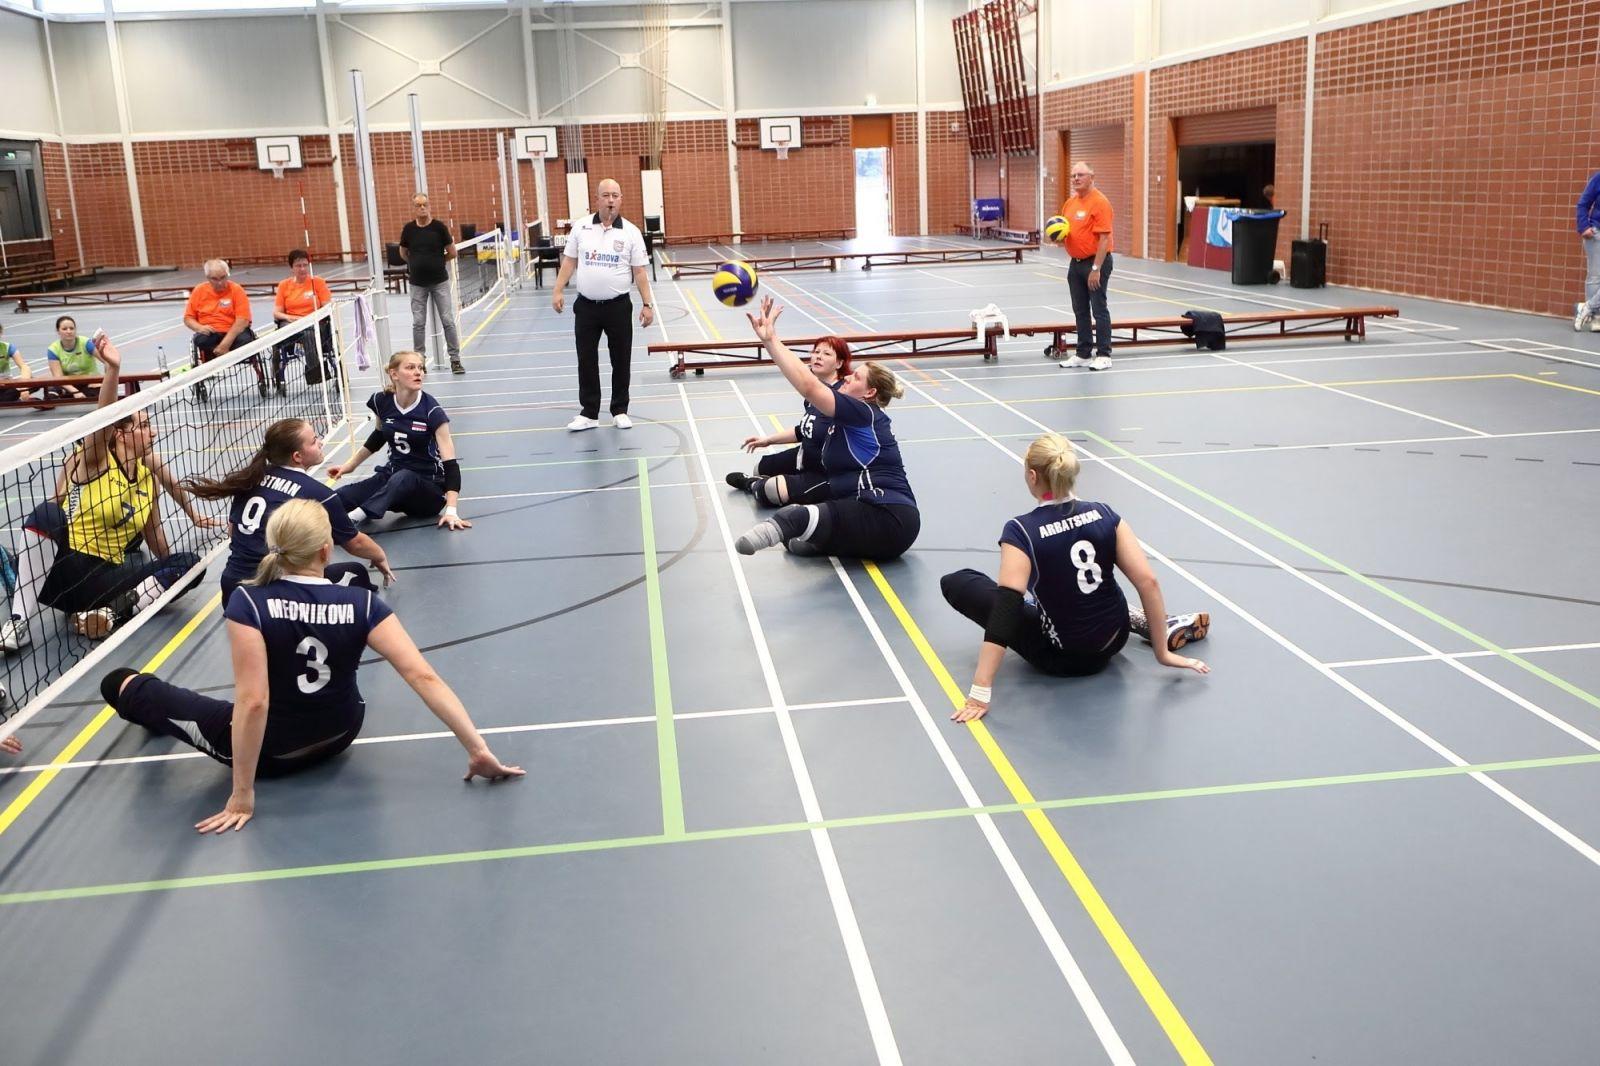 Спортсмены мужской и женской сборных России нацелены на победу на чемпионате Европы по волейболу сидя в Хорватии